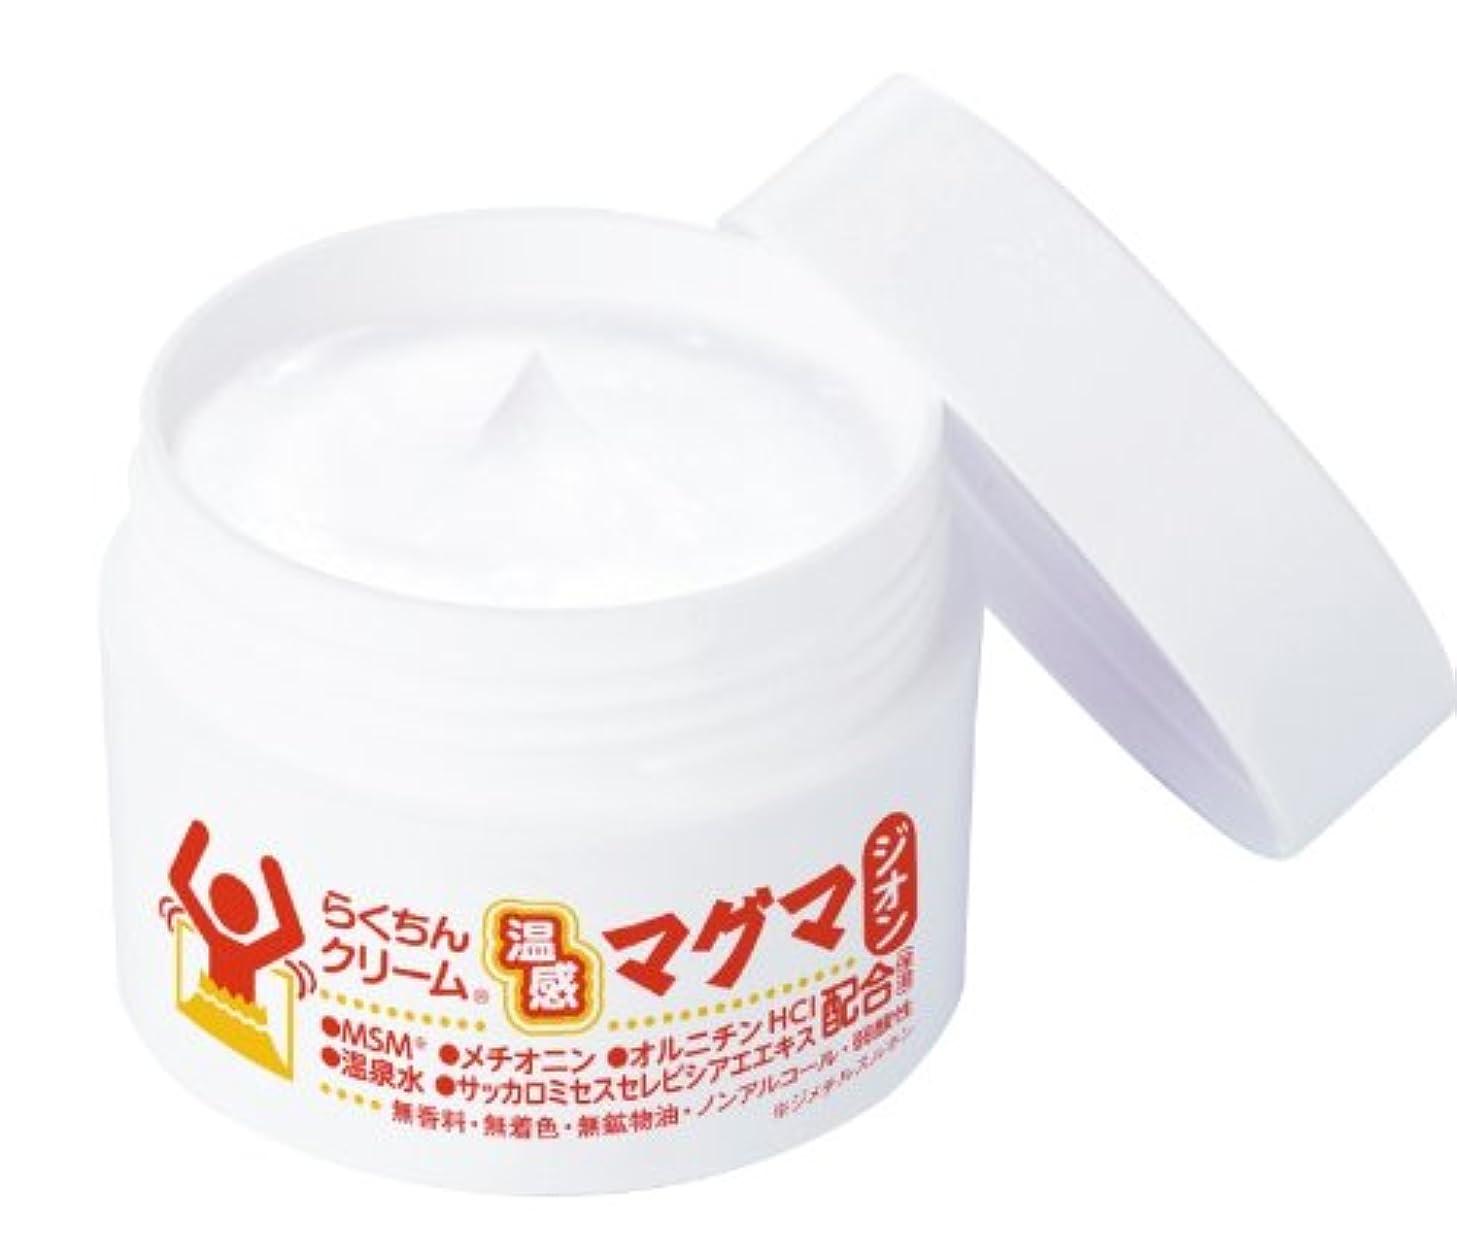 プロットアラビア語欠乏らくちんクリーム 温感マグマ ジオン 2個セット ※プロも認めたマッサージクリーム!温感マグマ!自然素材の刺激がリラックス気分をもたらせます!